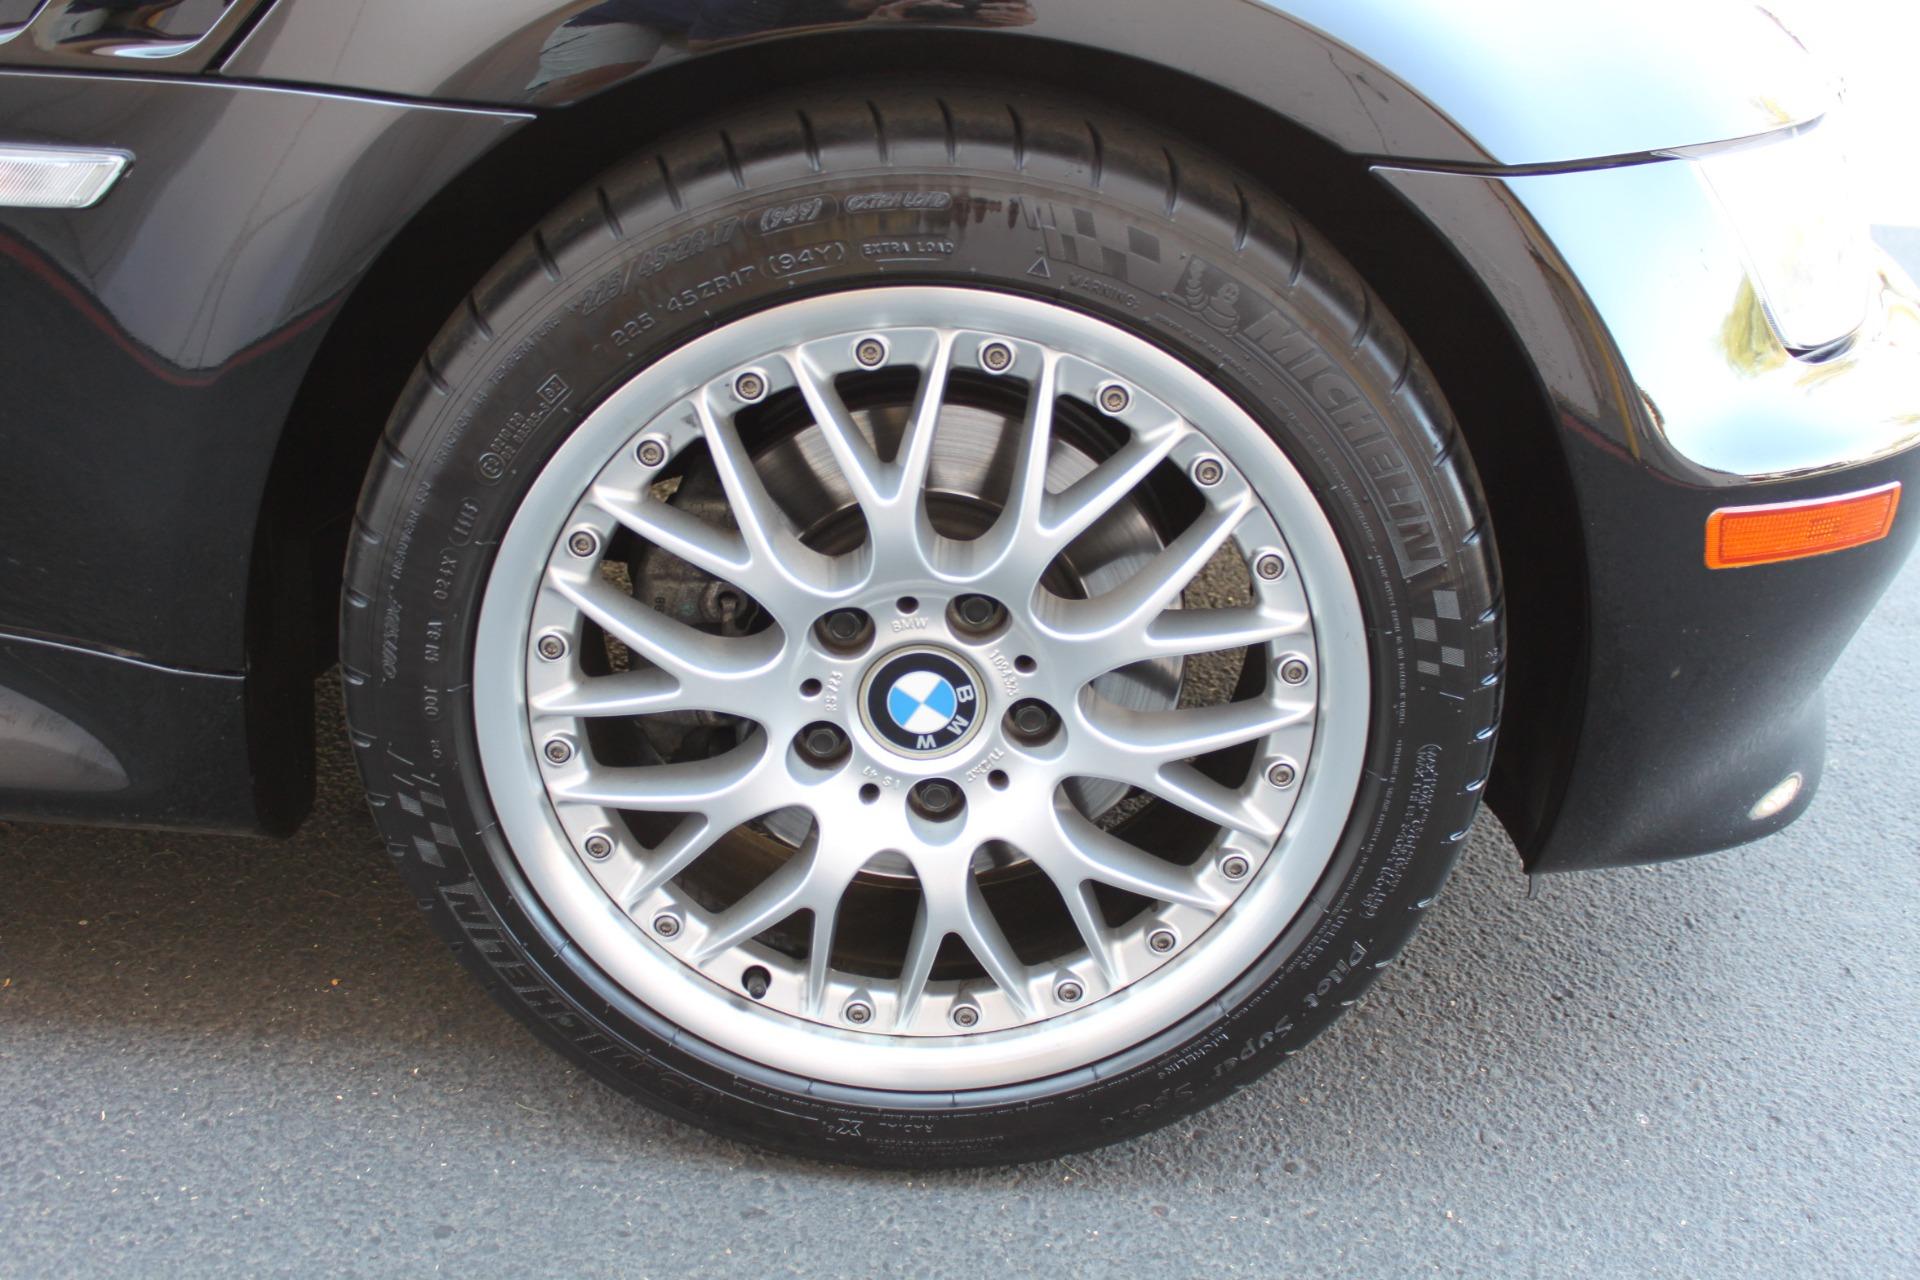 Used-2001-BMW-Z3-Roadster-30i-Audi